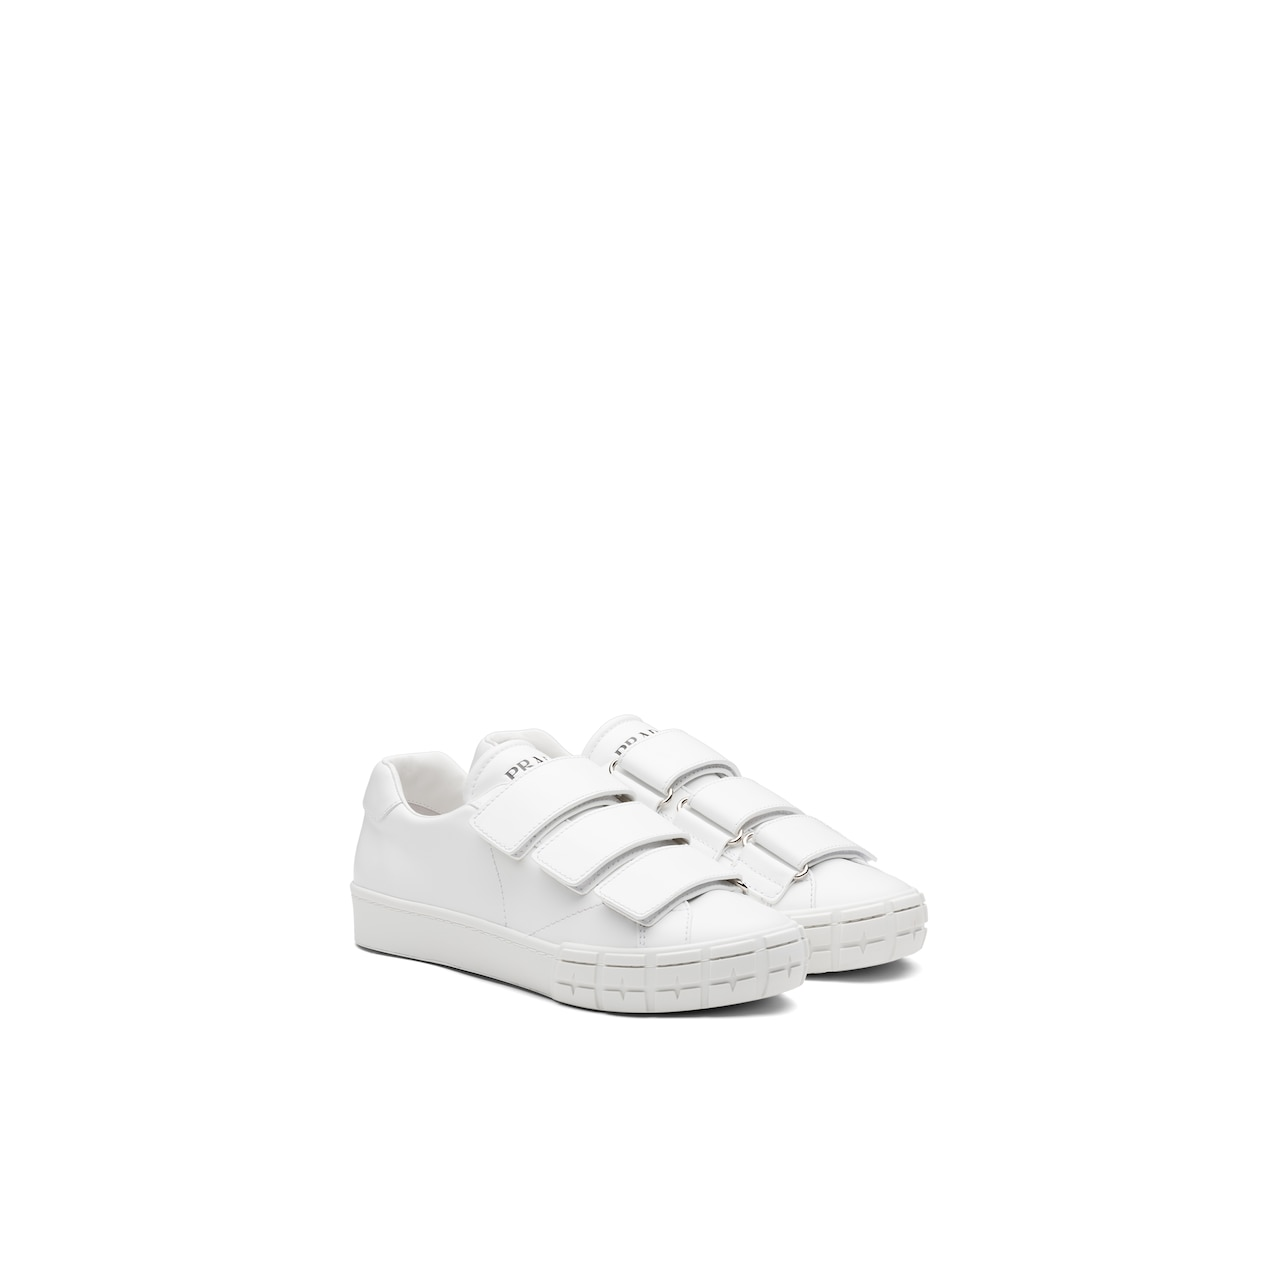 Prada Prada Wheel 皮革运动鞋 1